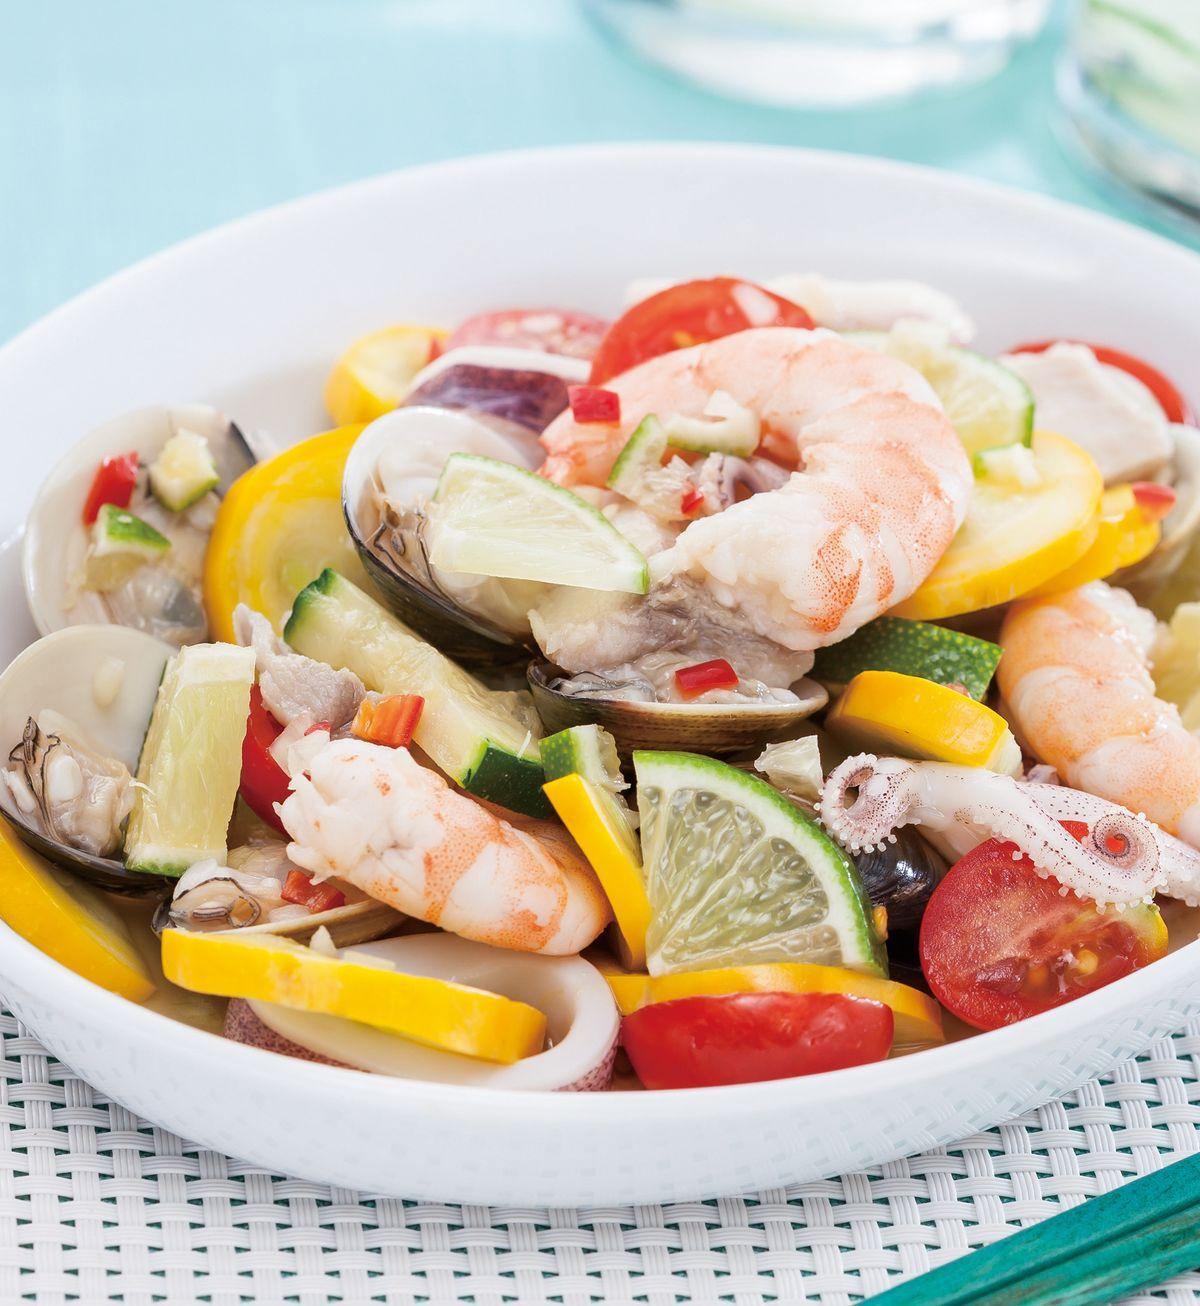 食譜:檸檬涼拌海鮮